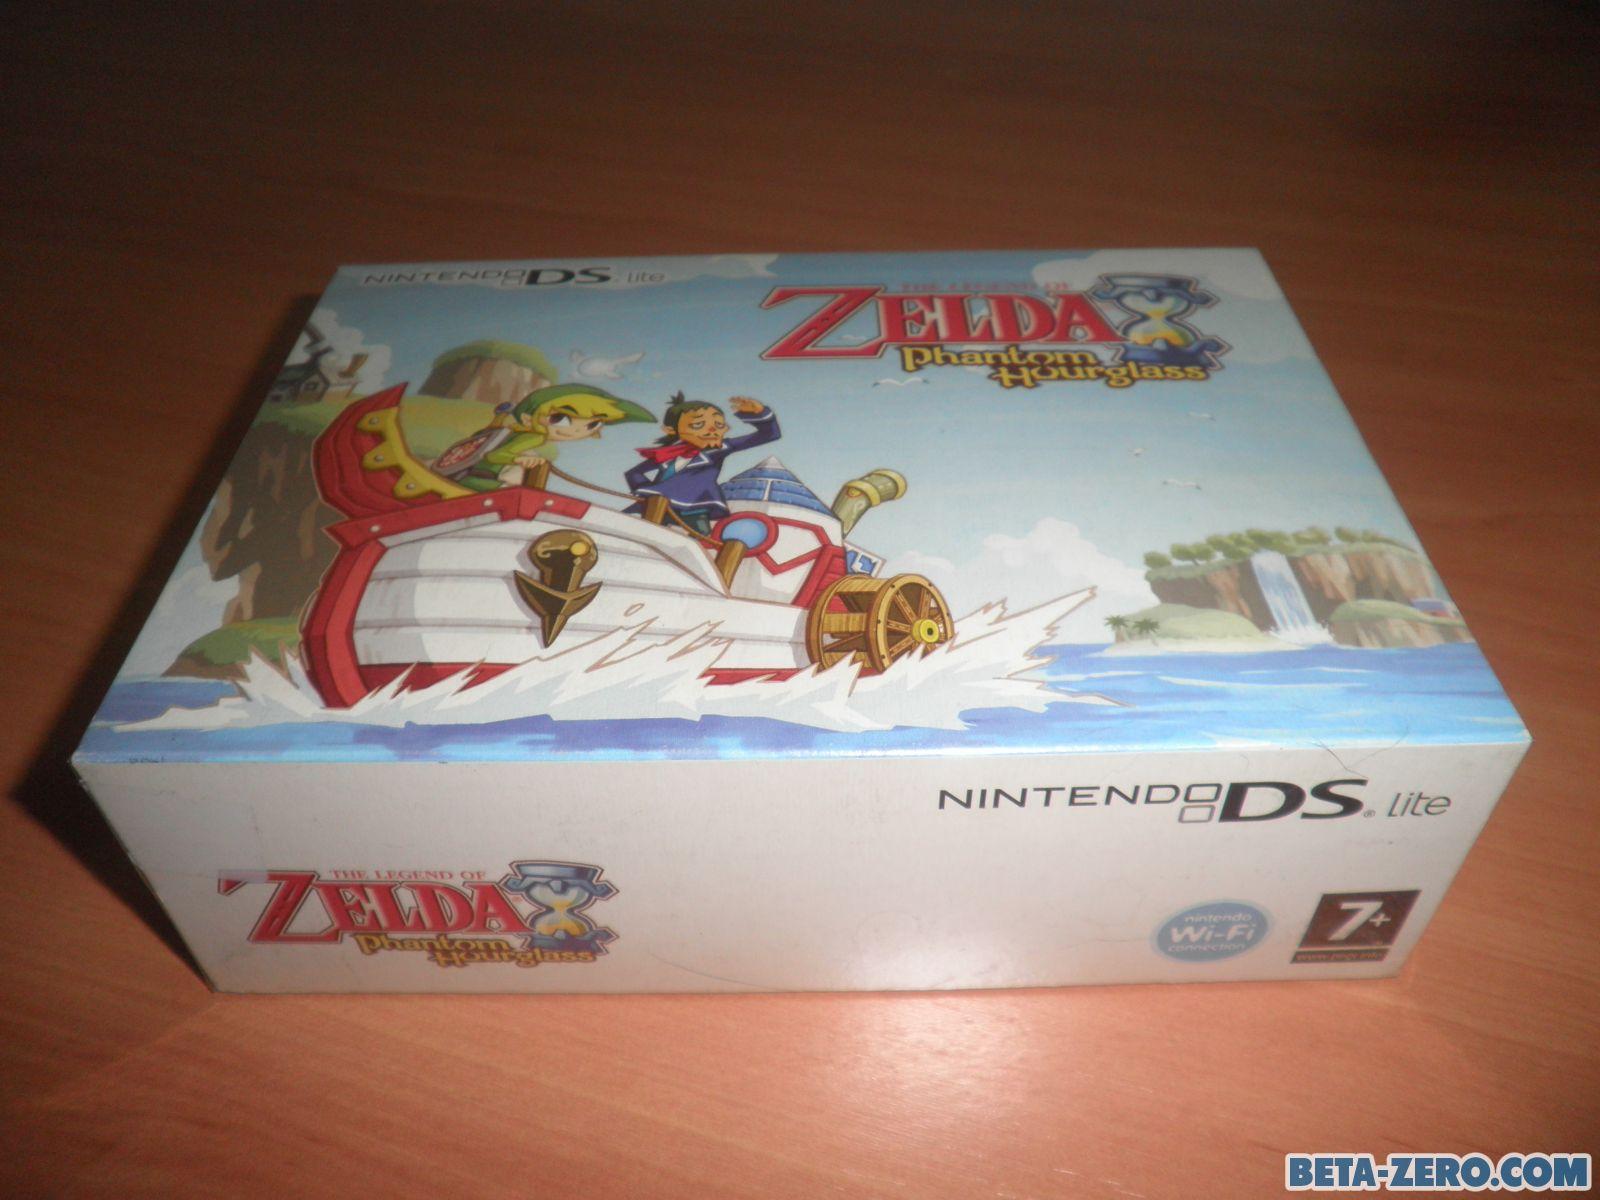 The Legend of Zelda Phantom Hourglass, Nintendo Ds Edicion limitada.